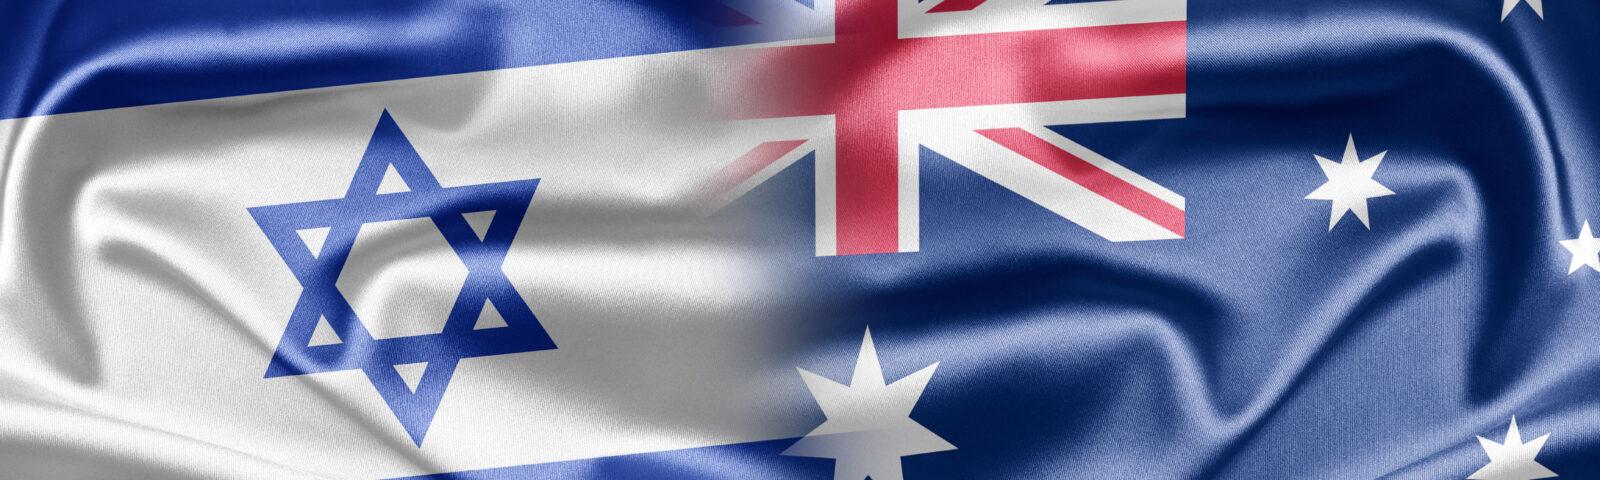 חברות ישראליות הפועלות באוסטרליה – כיצד לבנות את הפעילות?